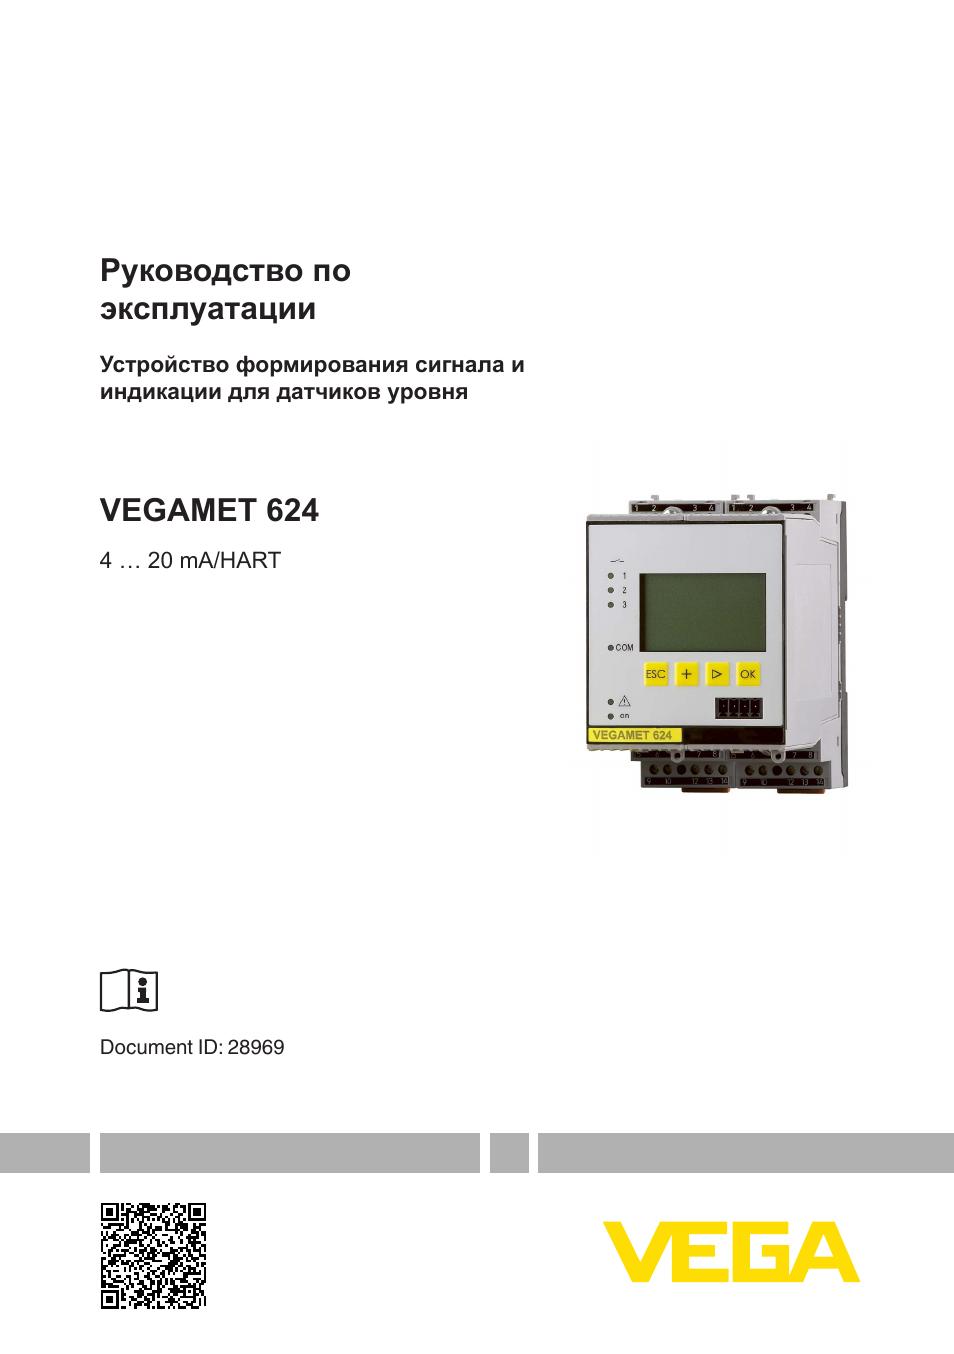 Устройство формирования сигнала VEGAMET 624